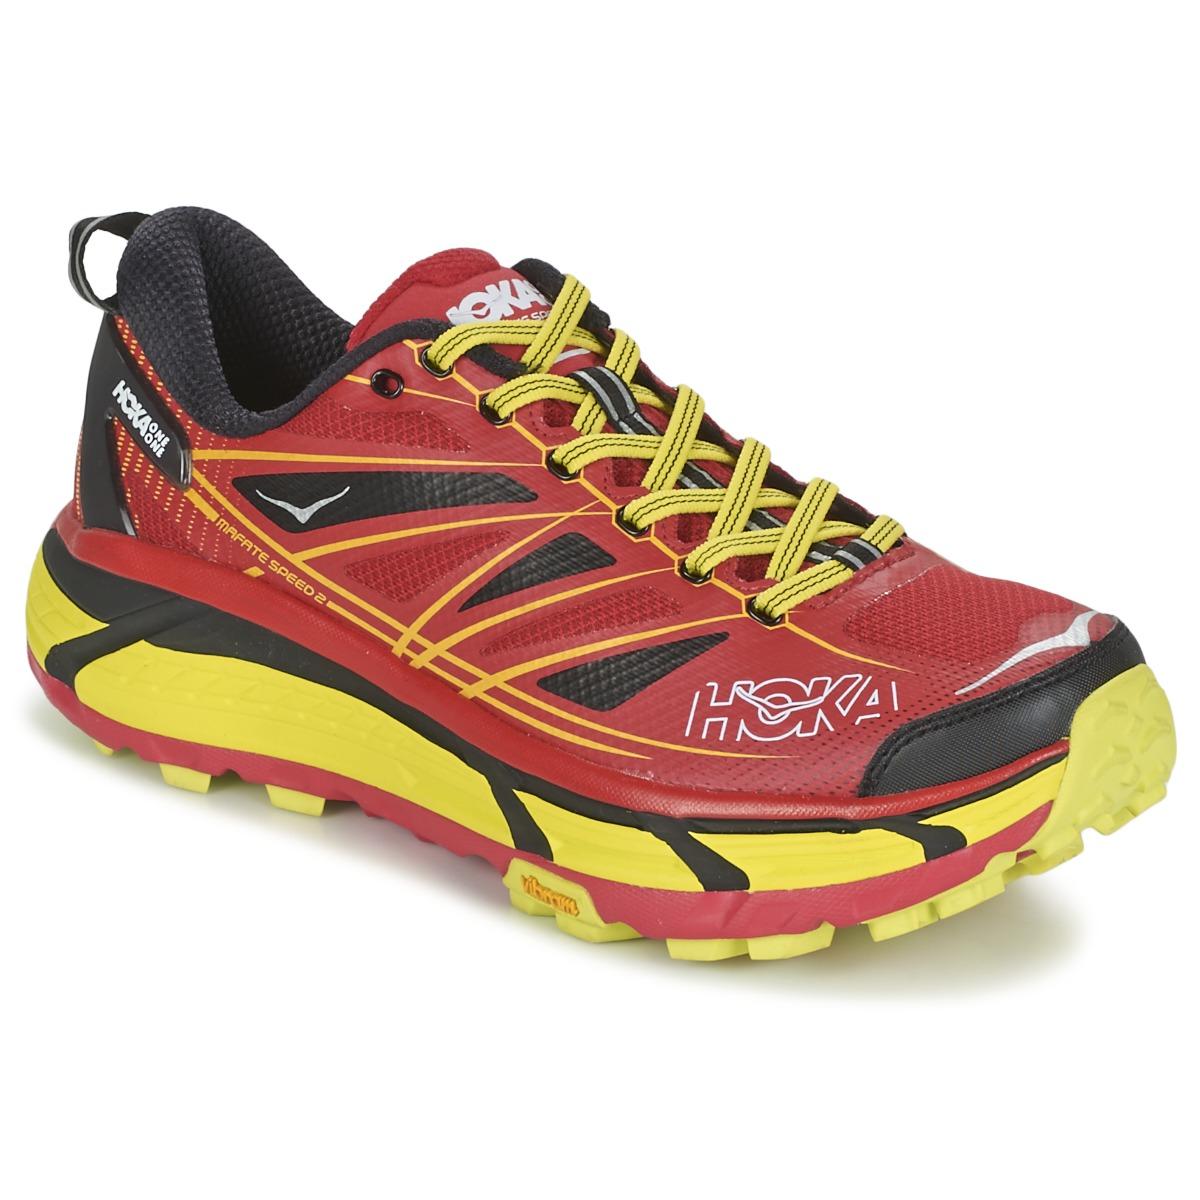 Chaussures-de-running Hoka one one MAFATE SPEED 2 Rouge / Citron